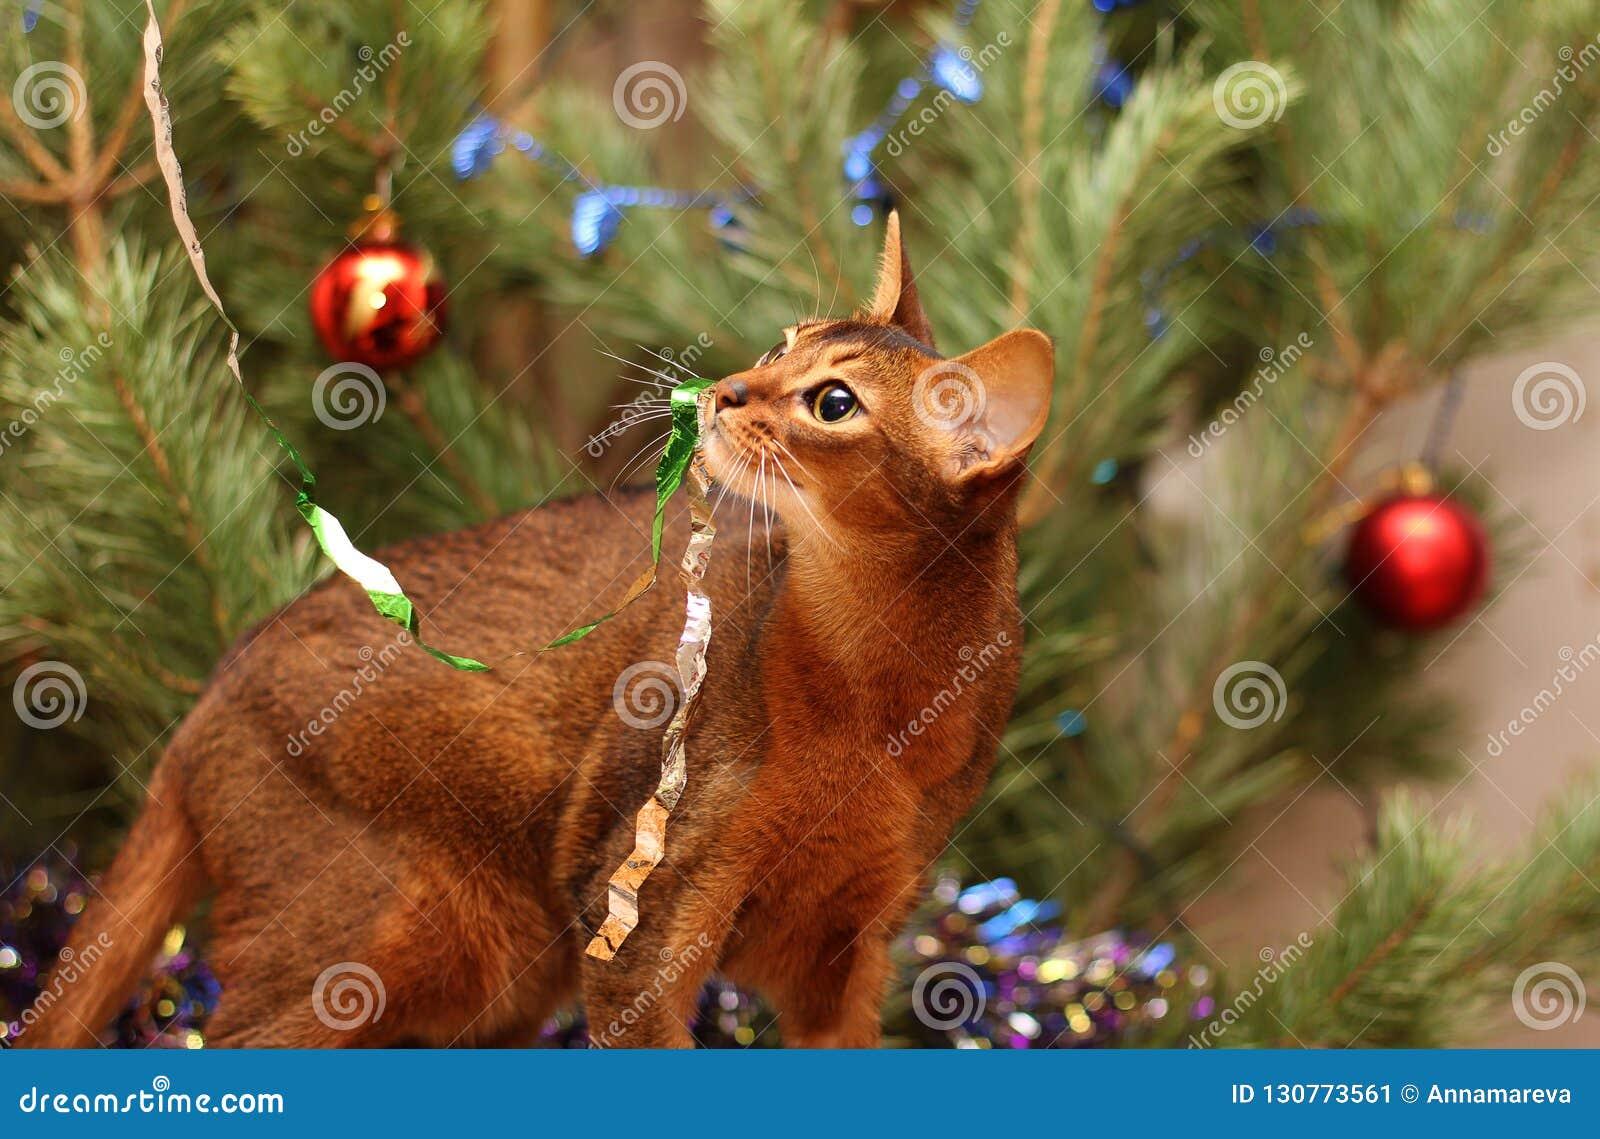 Weihnachtsbaum Spiele.Abyssinische Katzenspiele Nahe Dem Weihnachtsbaum Lametta Hing Am